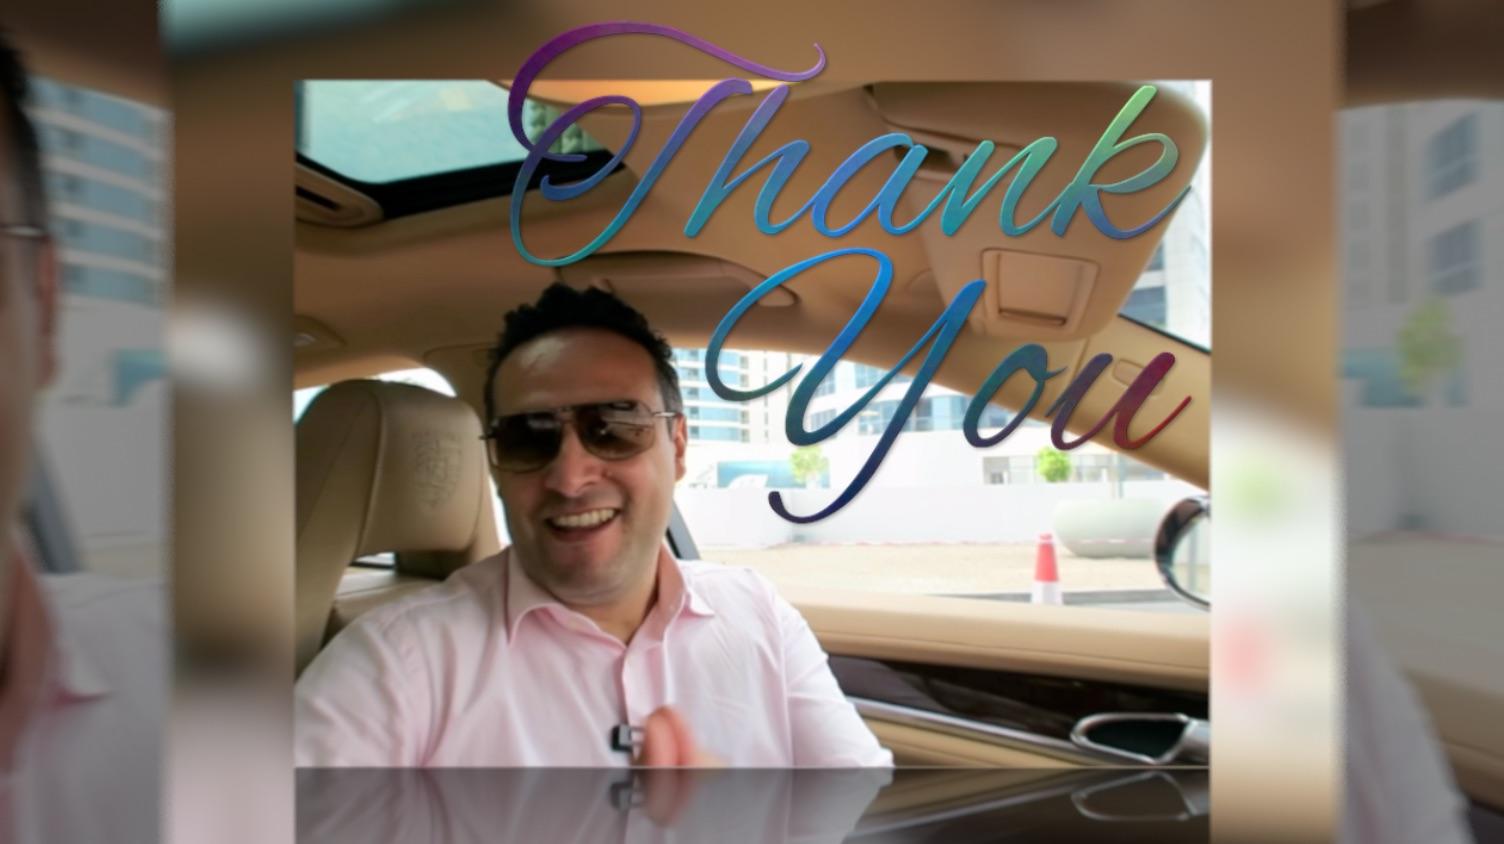 Record Battu : 1 million de vues sur YouTube en moins d'un an !!!